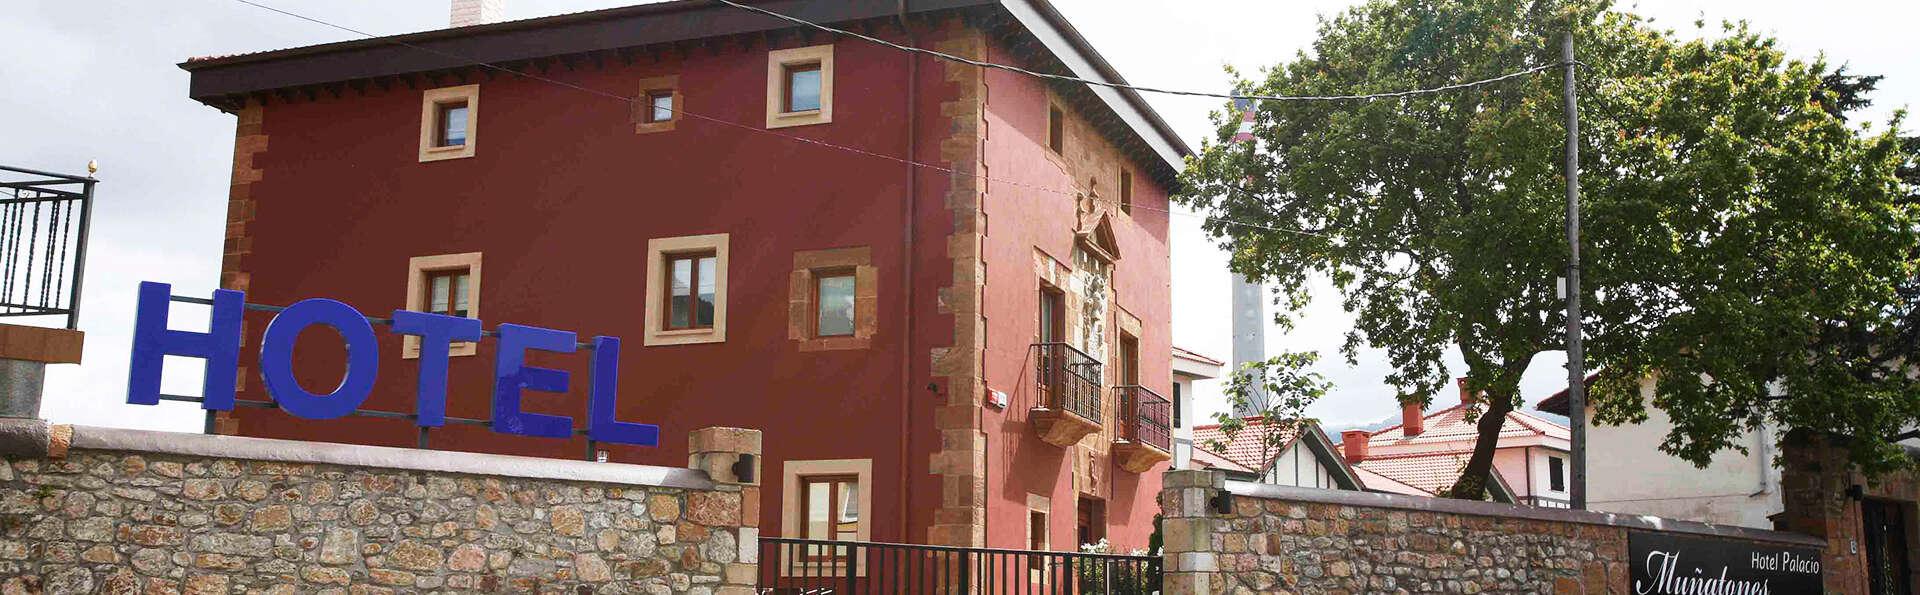 Hotel Palacio Muñatones - EDIT_front.jpg